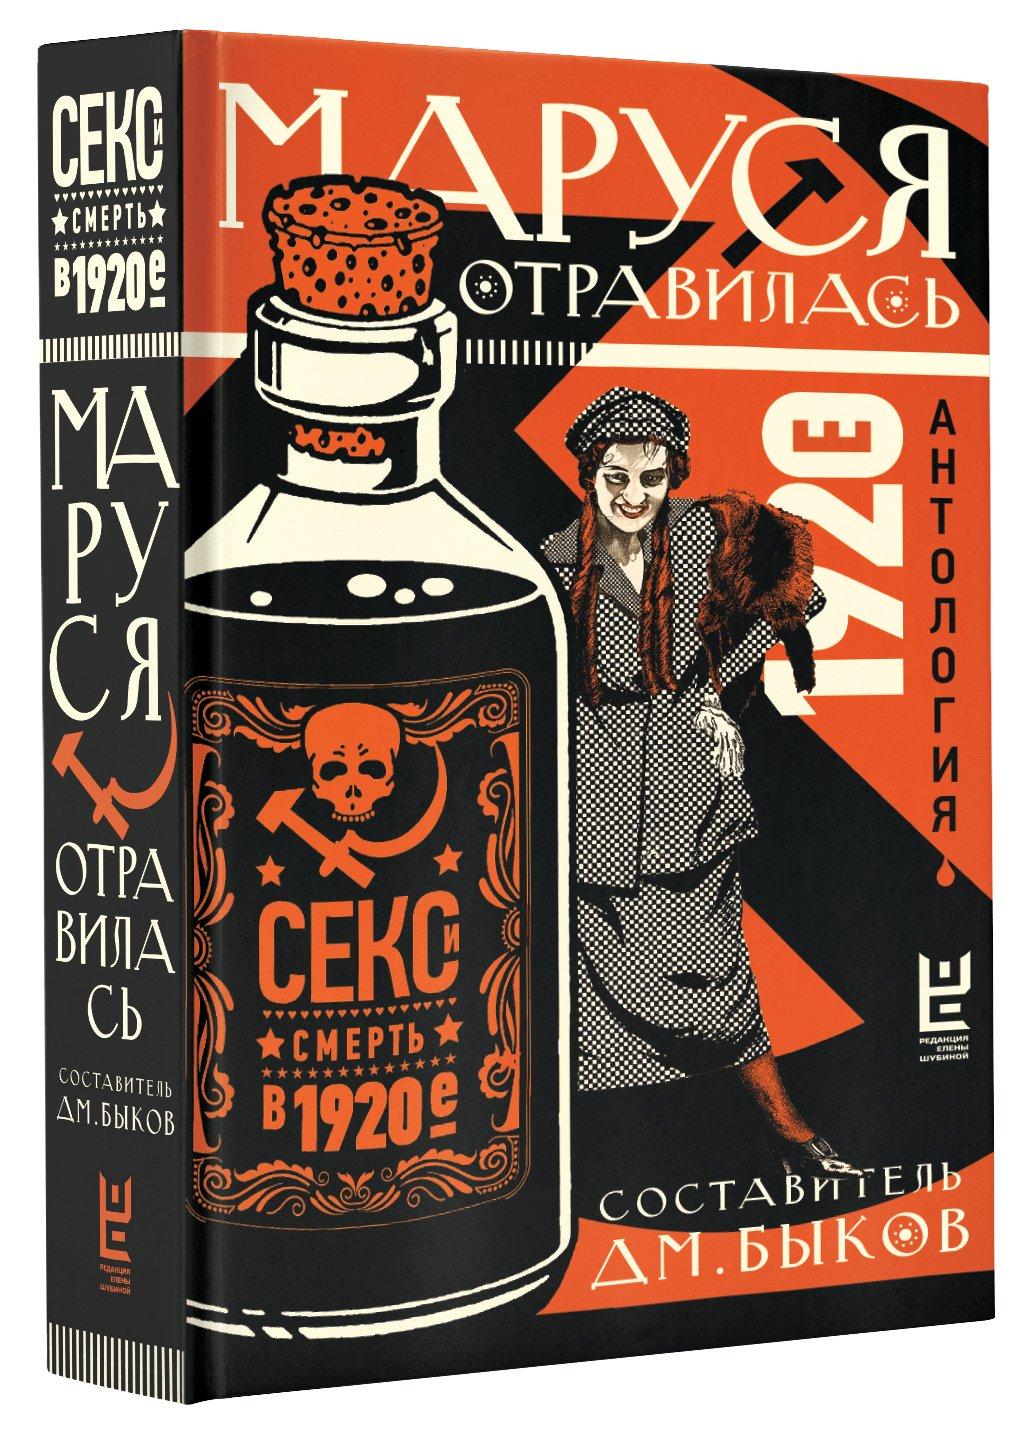 Маруся отравилась: секс и смерть в 1920-е [антология] (Быков Дмитрий Львович)